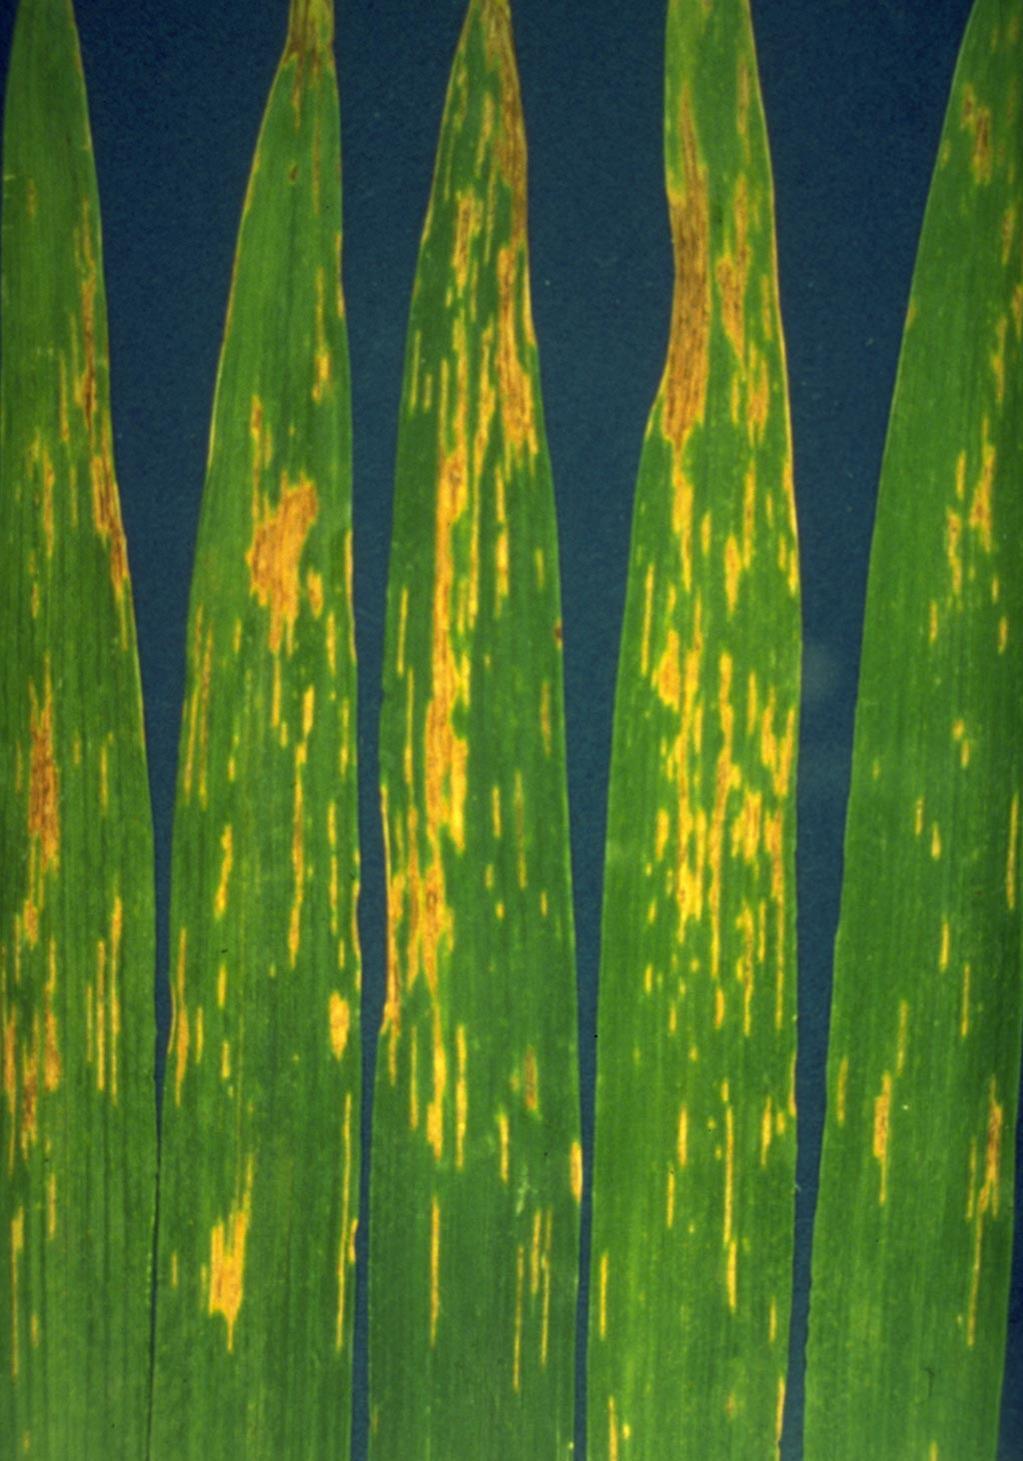 Bacterial_streak_1.jpg